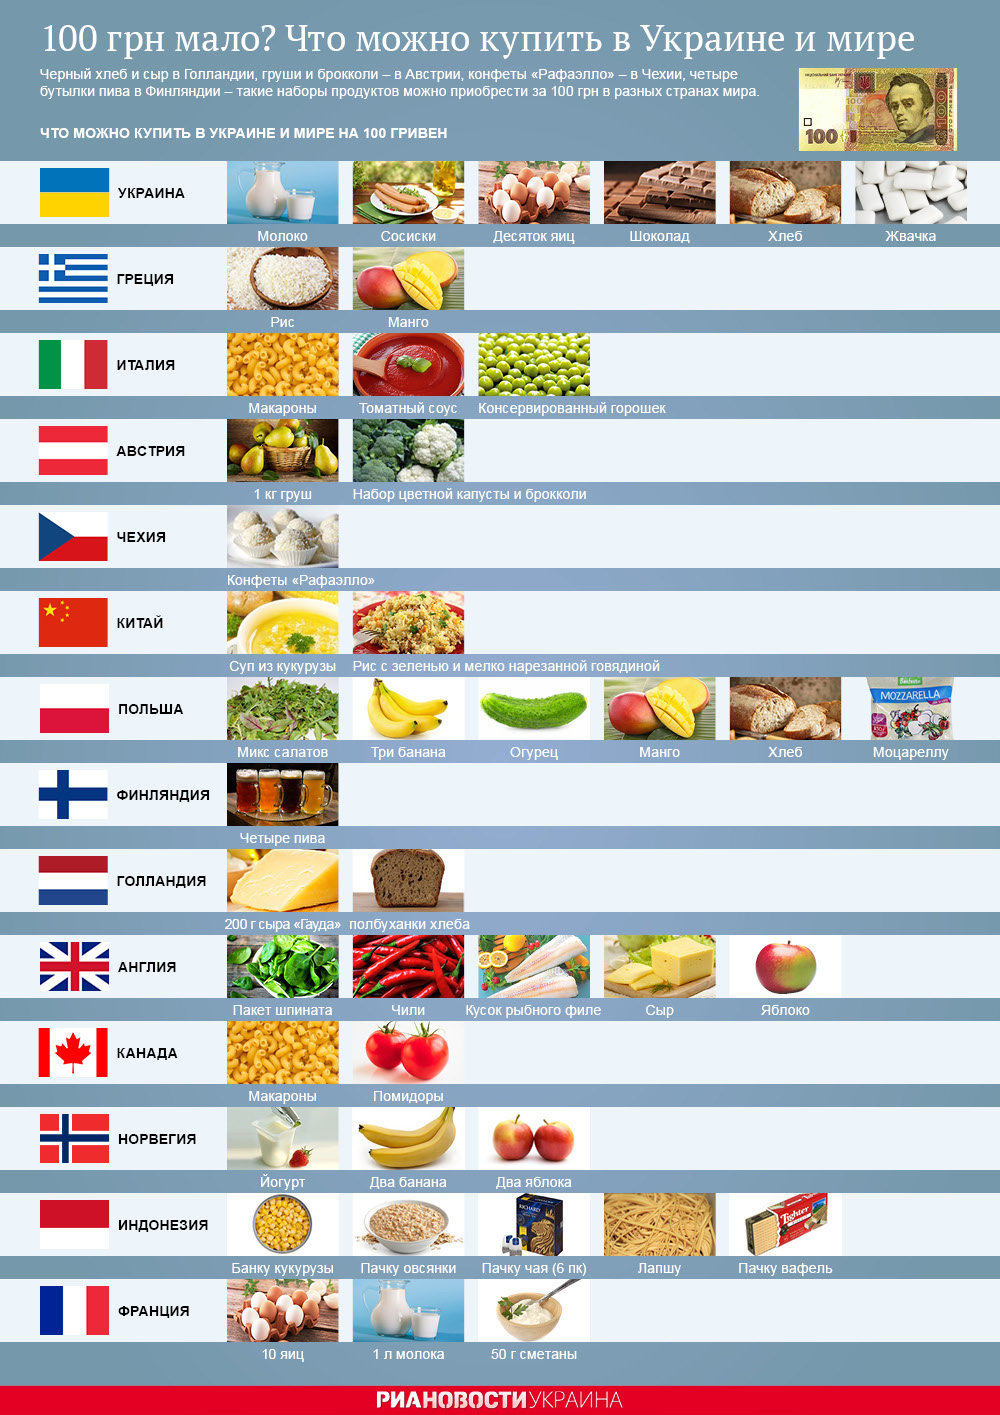 Что можно купить в Украине и мире на 100 гривен. Инфографика